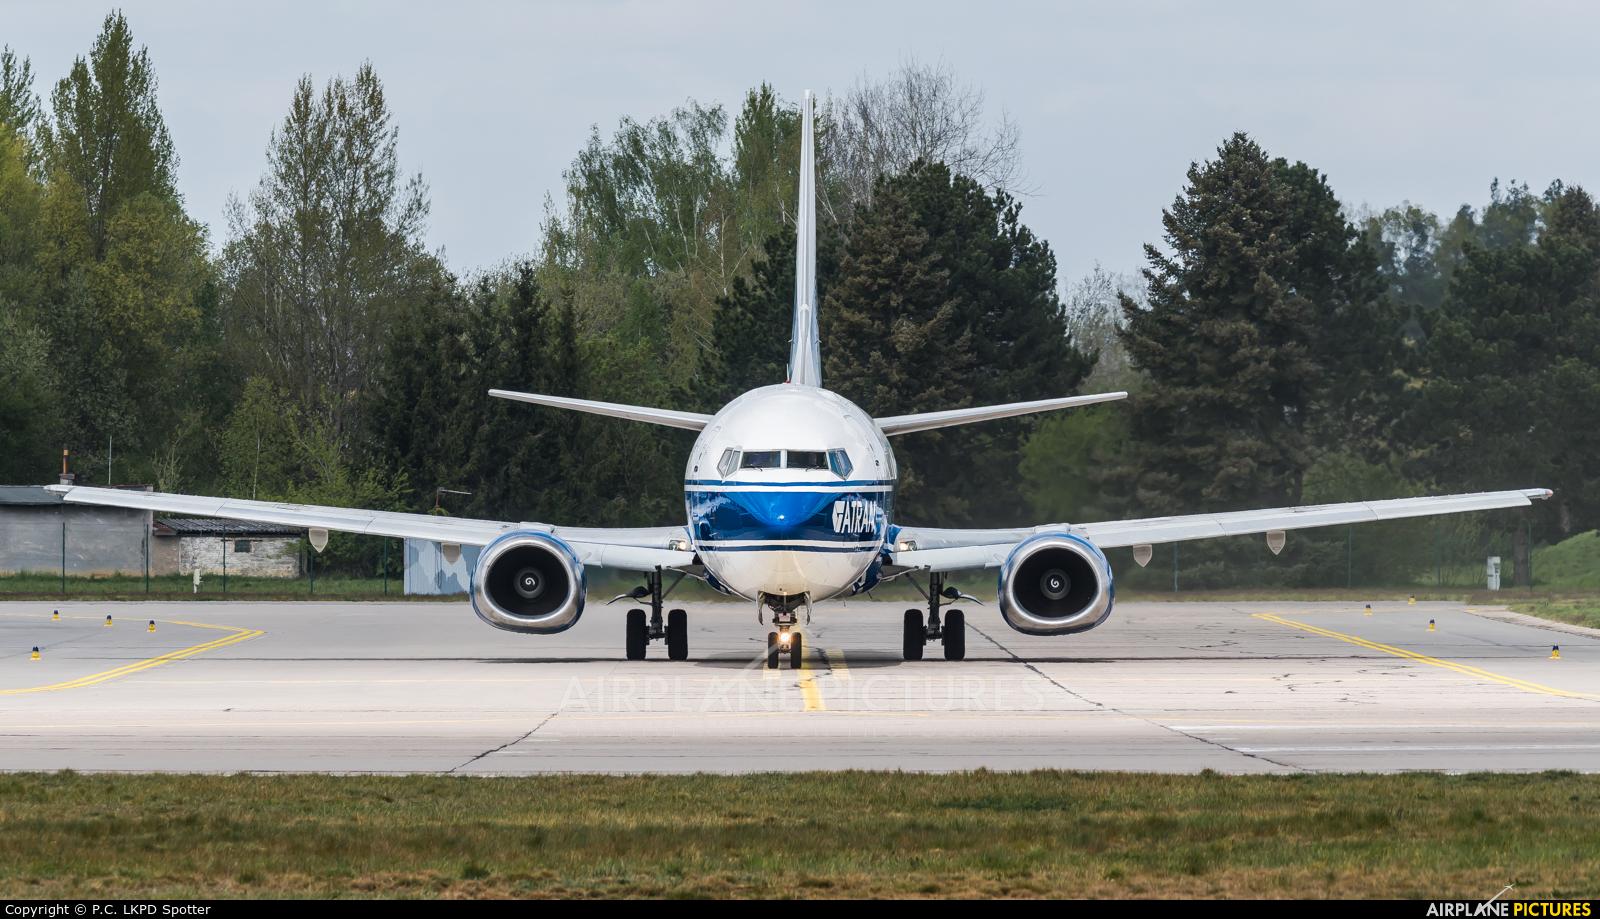 Atran VP-BCK aircraft at Pardubice